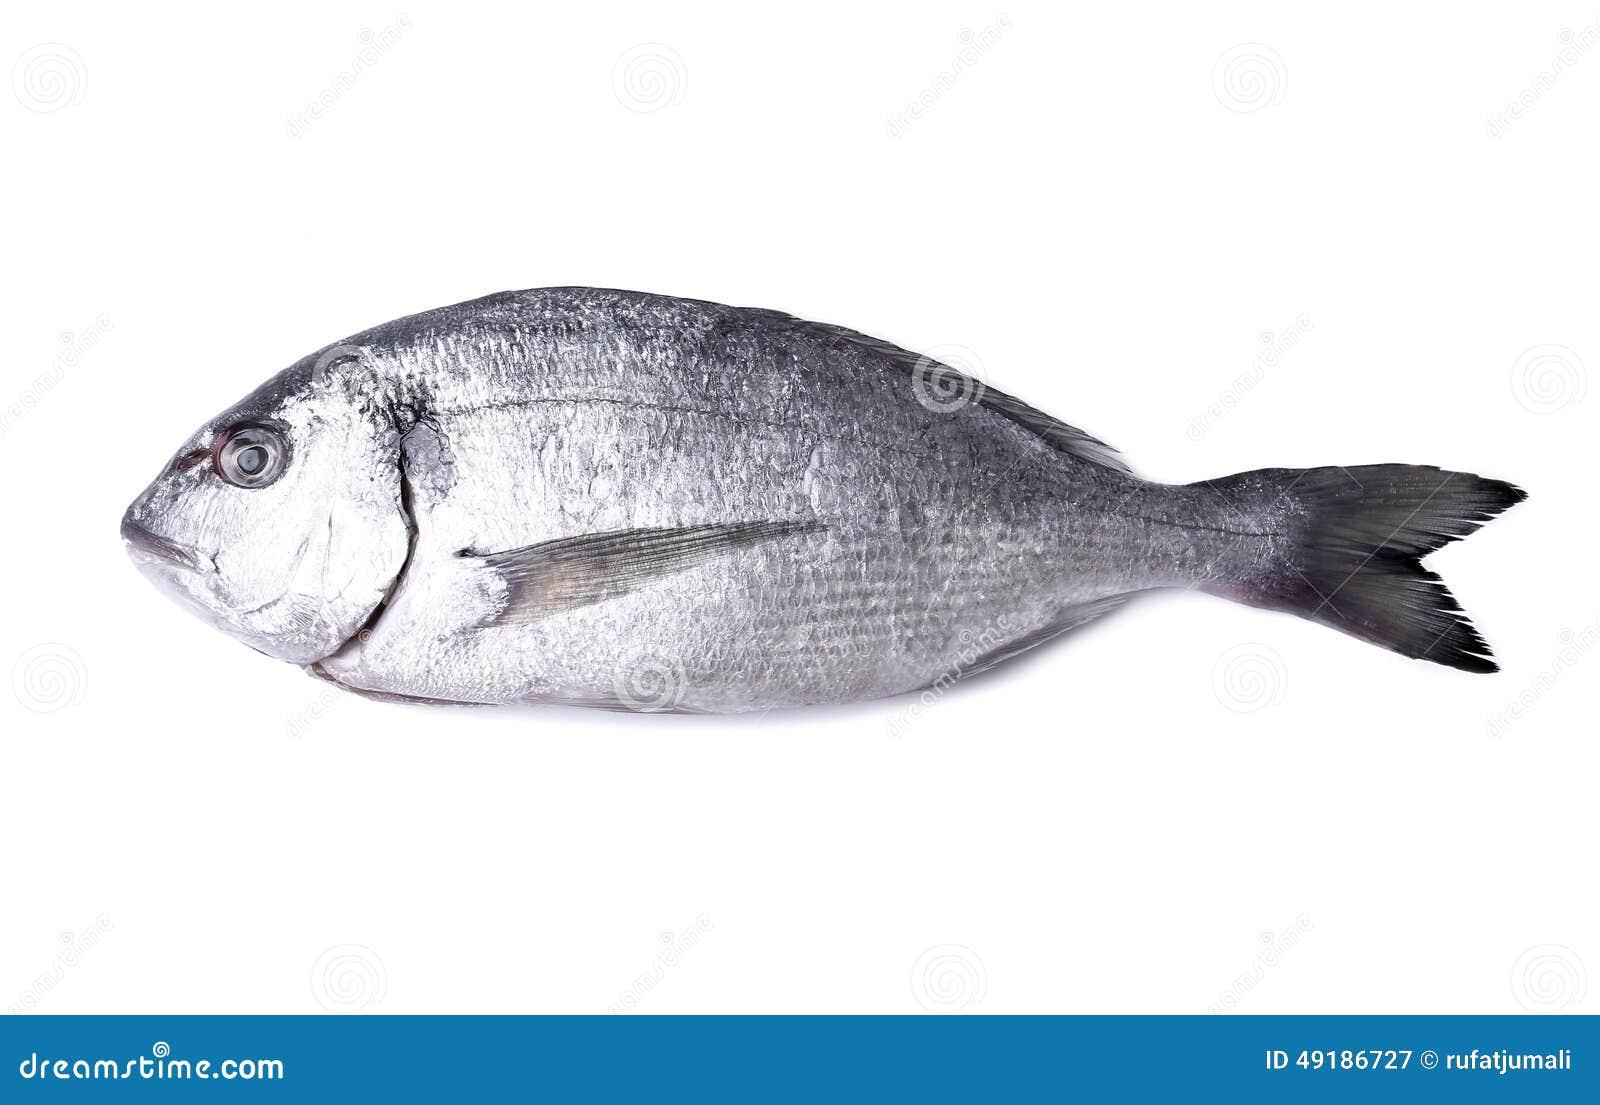 vissen lijst